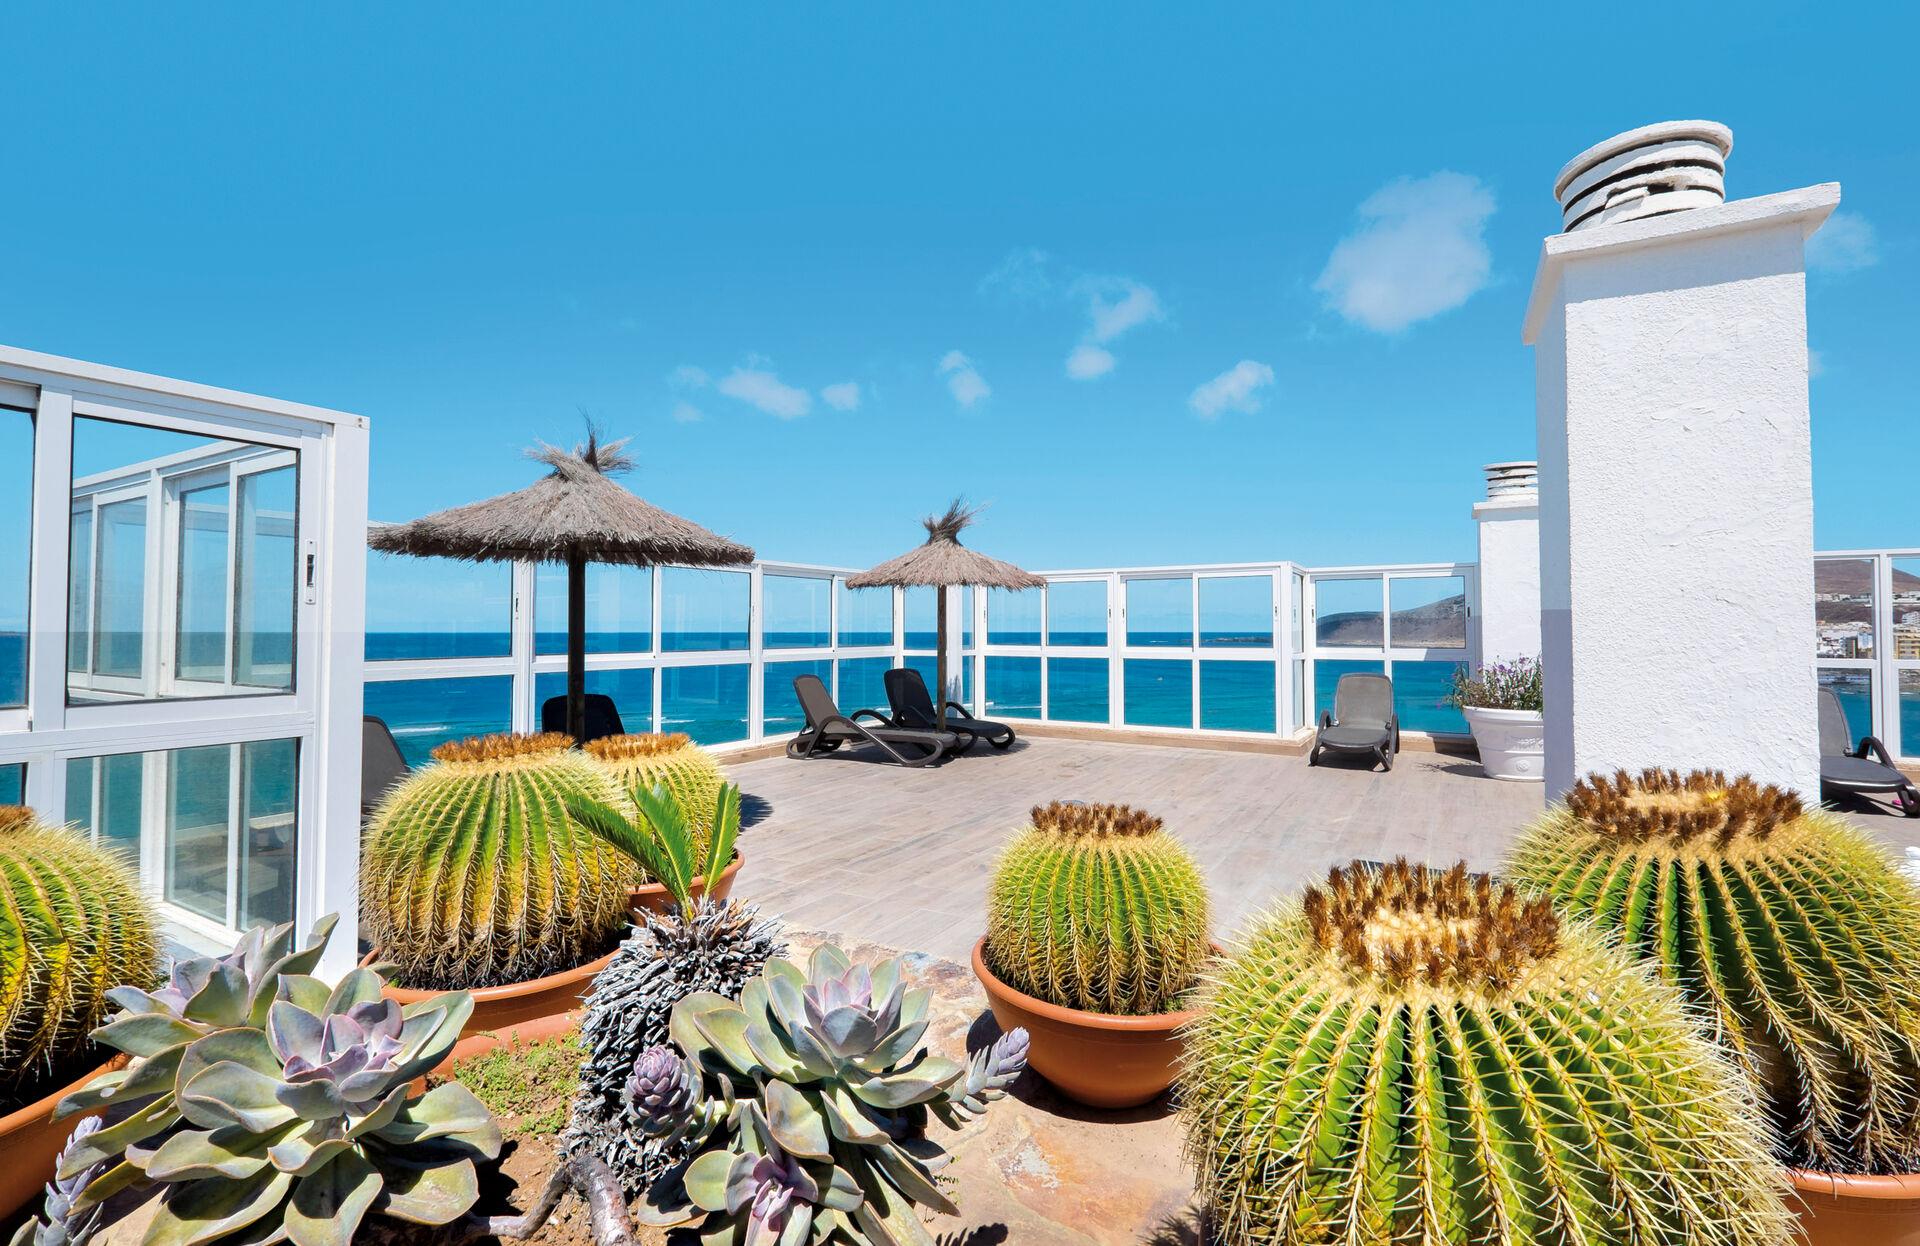 Séjour Las Palmas - Hotel Concorde - 4*